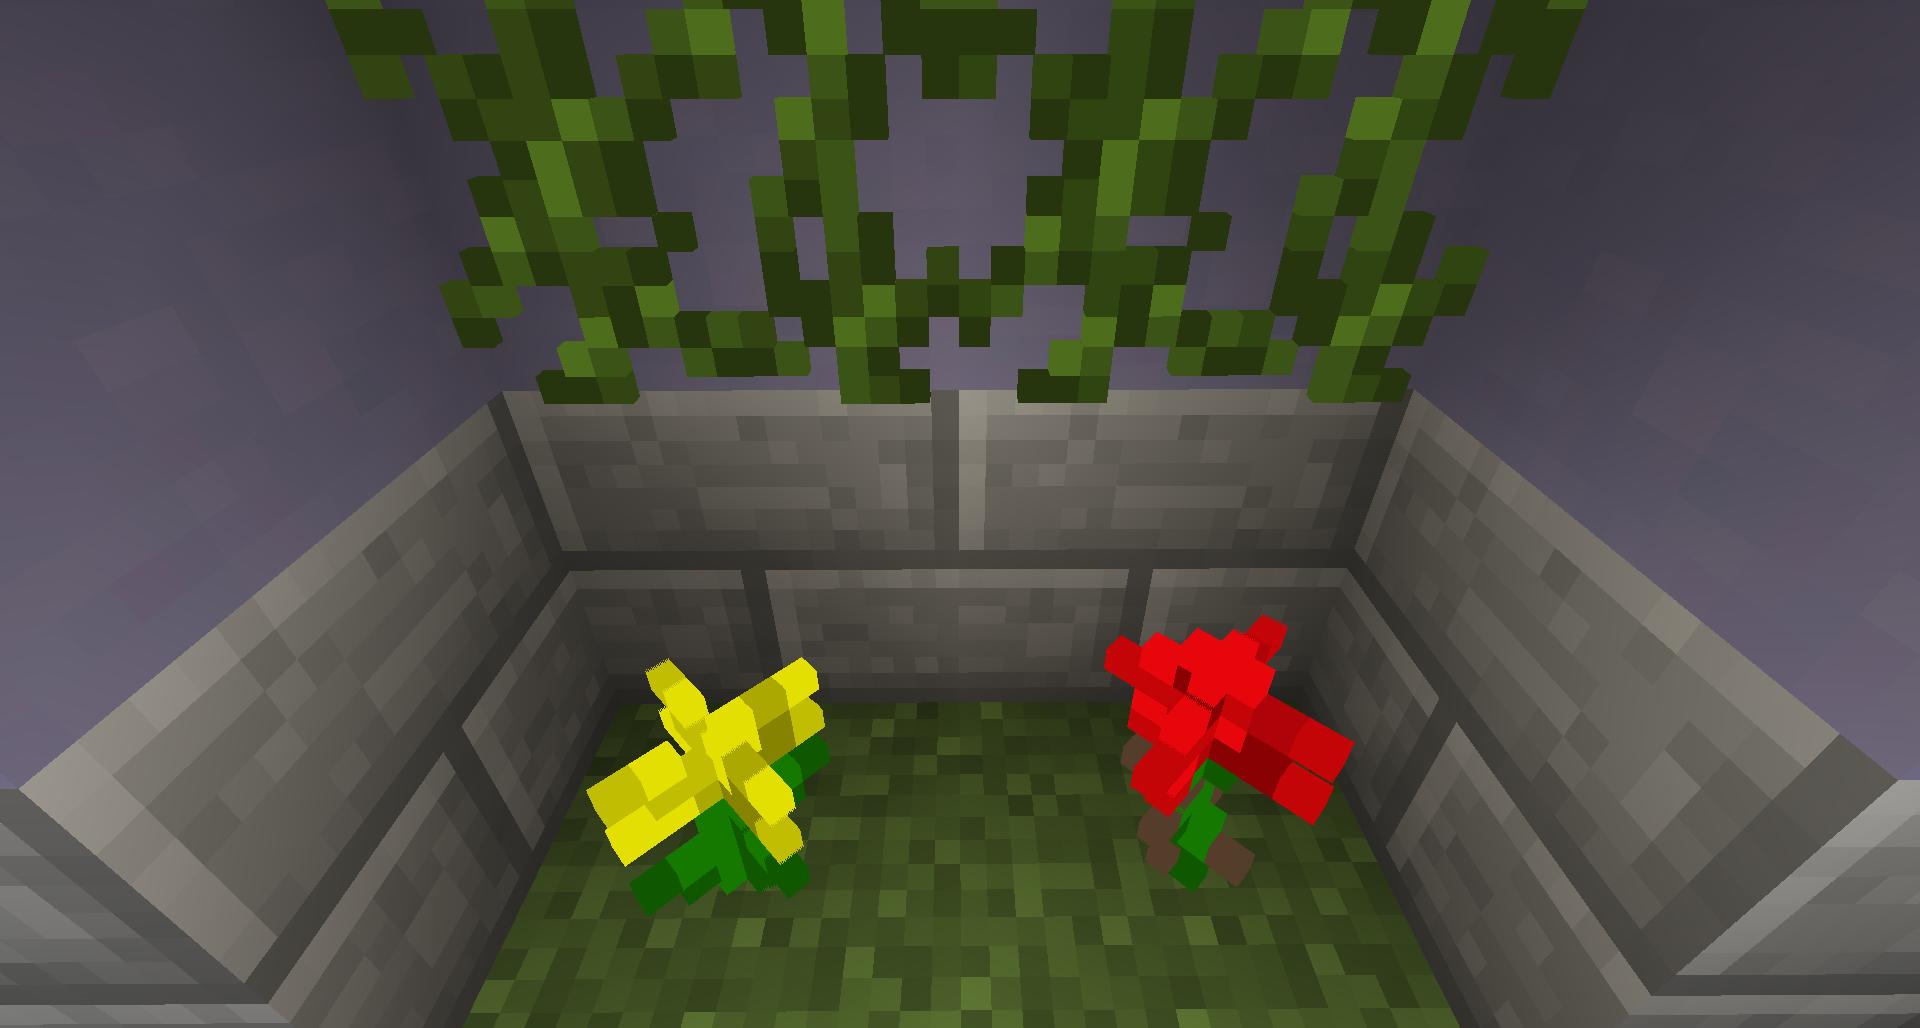 Minecraft : Mods pour ajouter de nouveaux objets et de nouvelles fonctions dans Minecraft et Shaders pour ajouter des effets visuels.